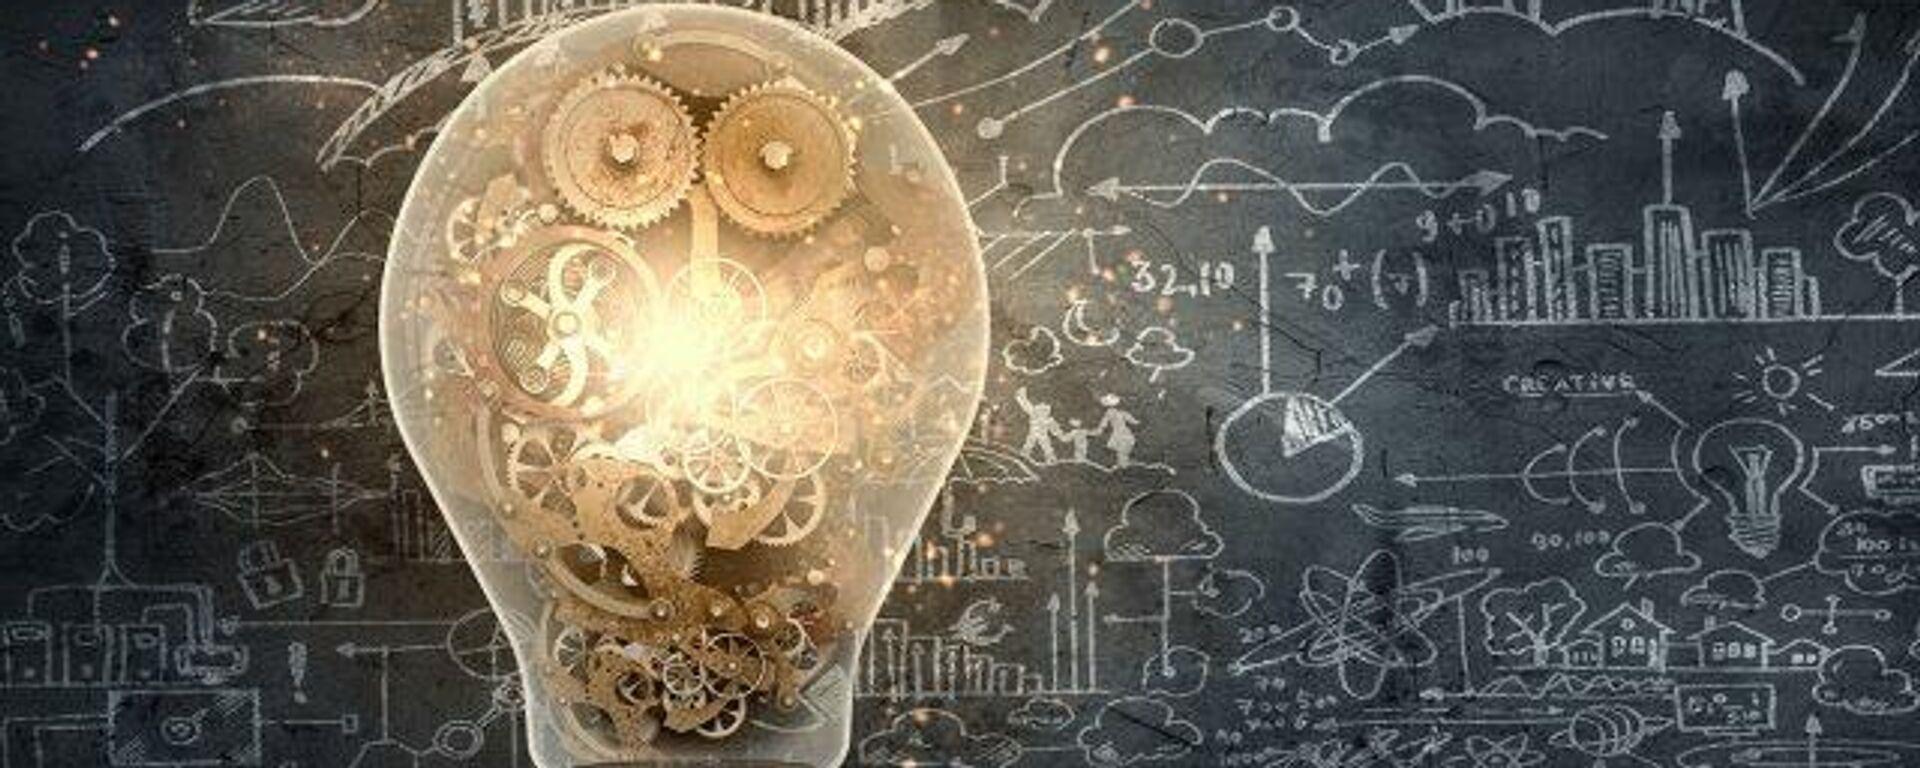 La importancia de escribir a mano para estimular el cerebro - Sputnik Mundo, 1920, 23.03.2021